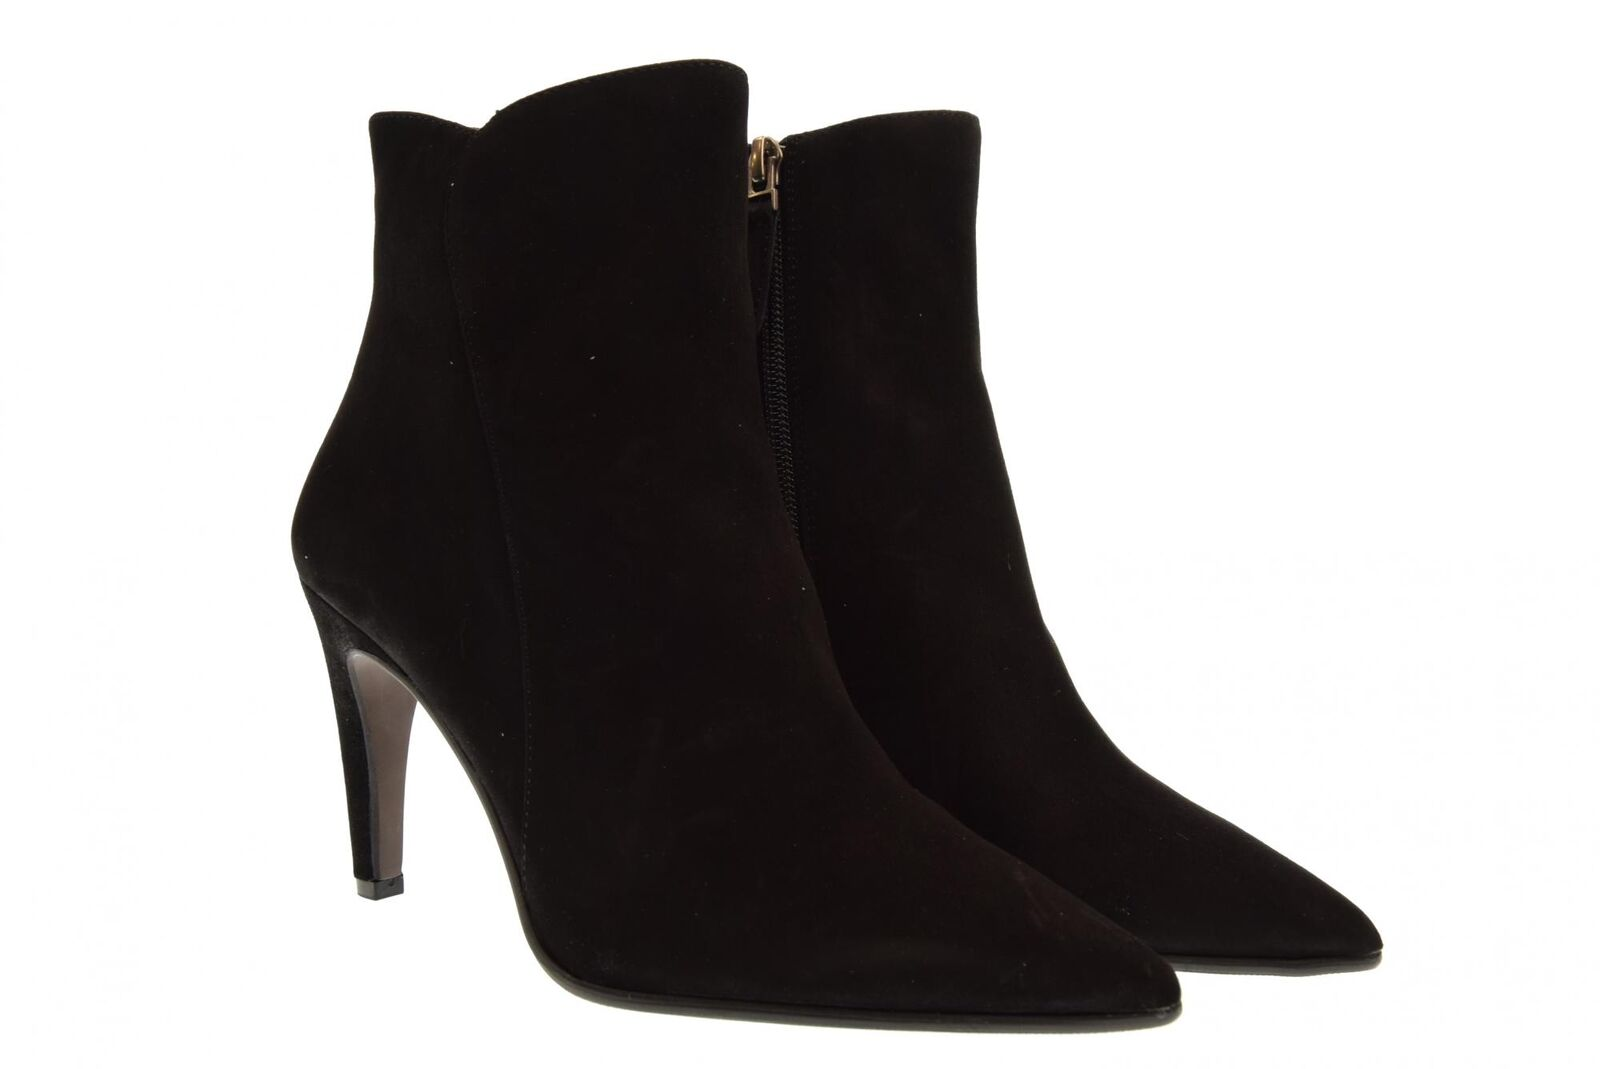 953e54f08b52db Cris Cris Cris Vergre' A18f chaussures femme bottines à talon haut I2903X |  Un Design Moderne | Caracteristique 3a4e77